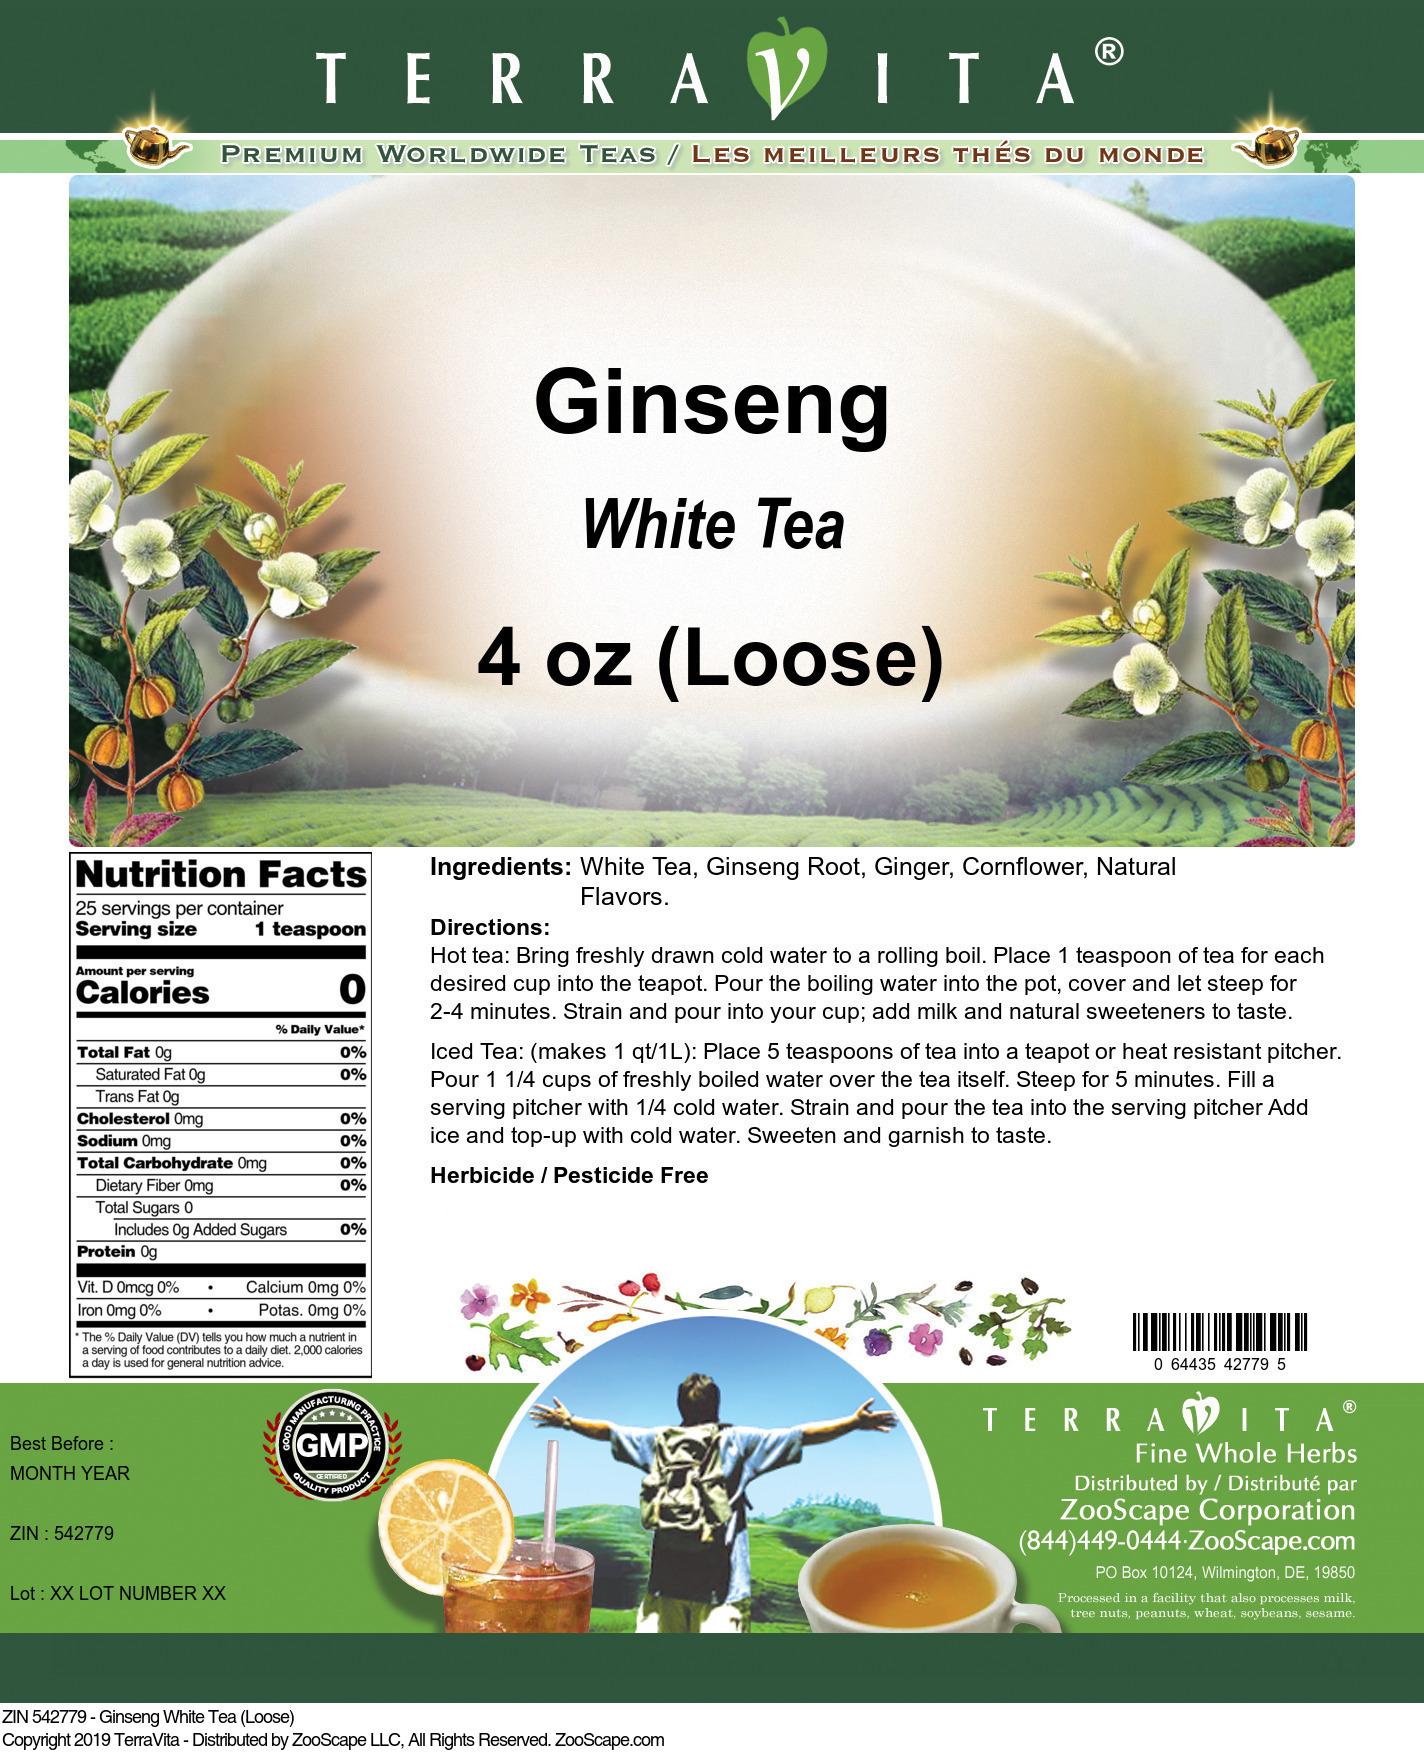 Ginseng White Tea (Loose)